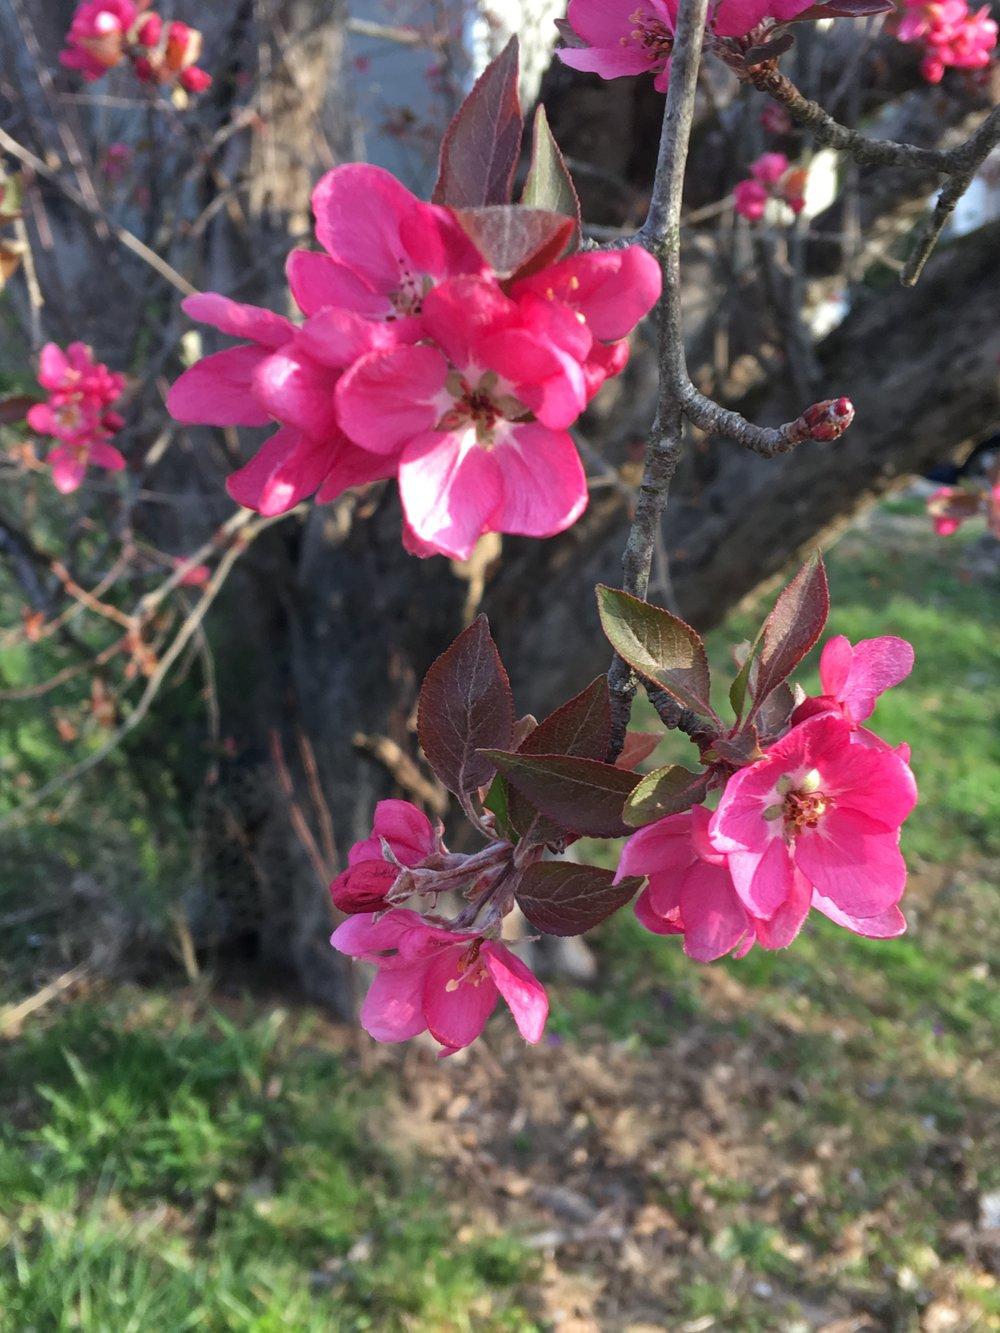 Malus pumila; apple tree